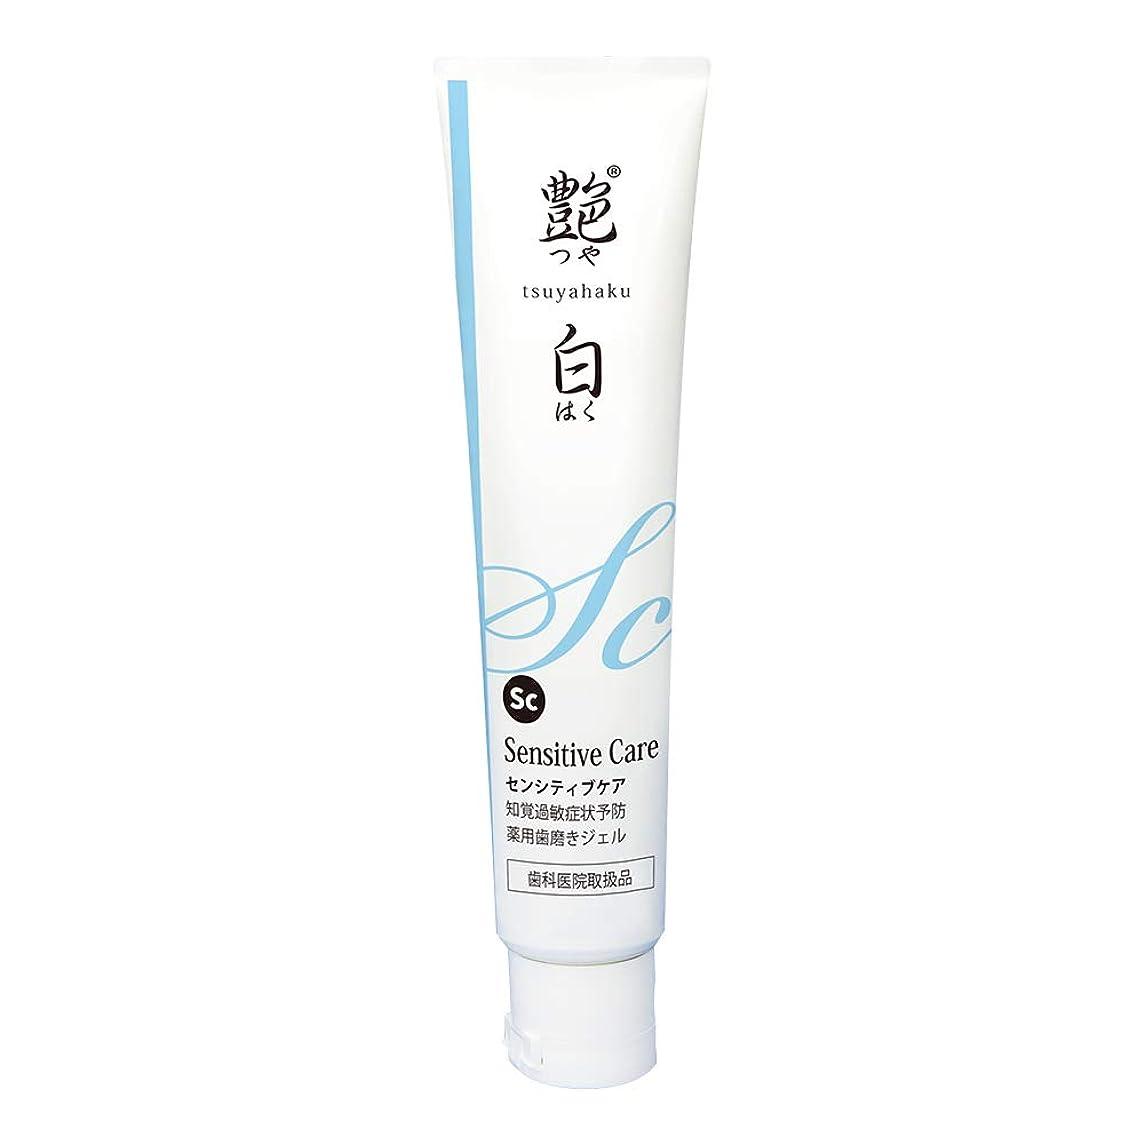 発表あざ油艶白(つやはく) 薬用歯磨きジェル センシティブケア Sc 110g 歯磨き粉 日本製 医薬部外品 歯科専売品